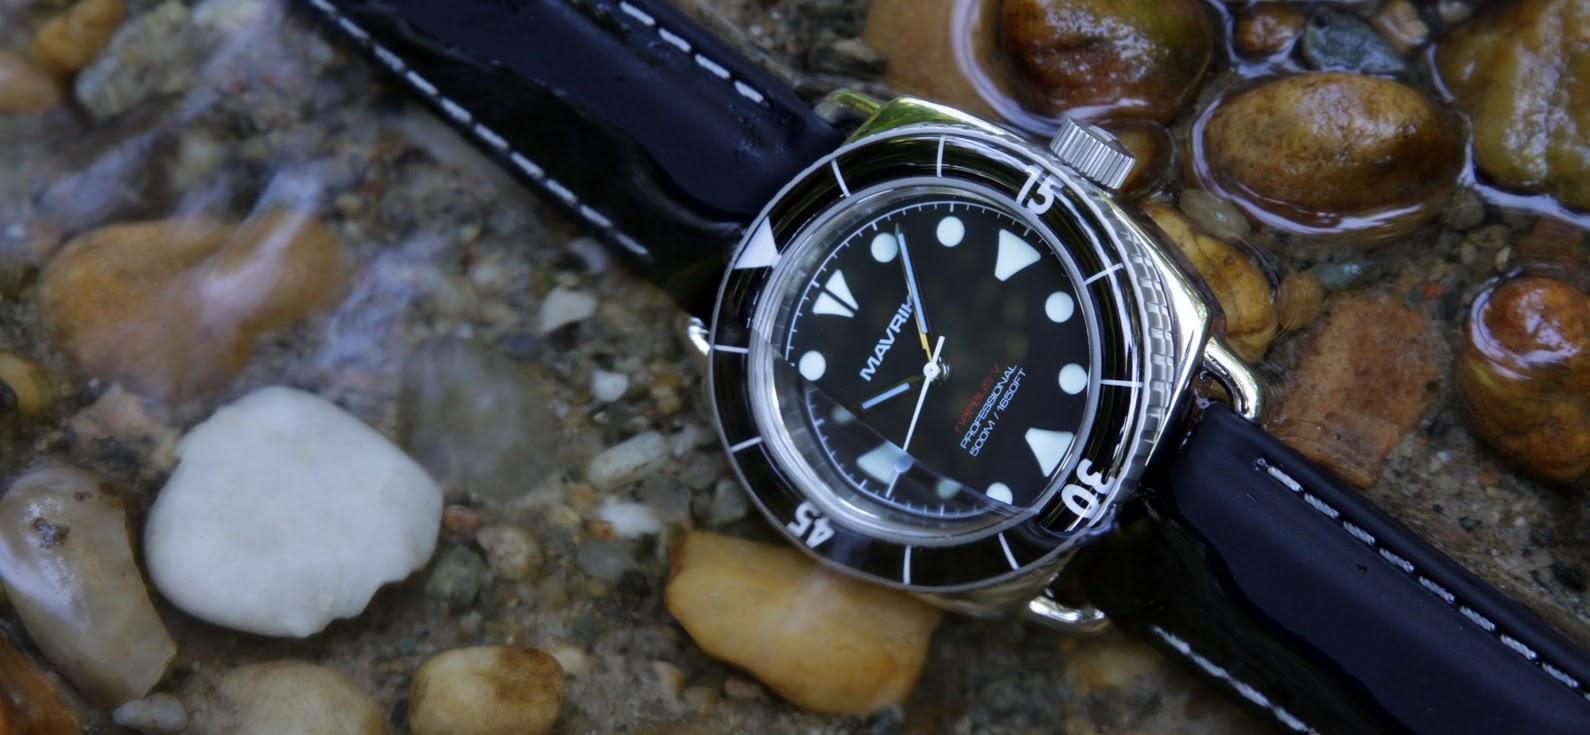 Black Shark 316L Stainless Steel 2